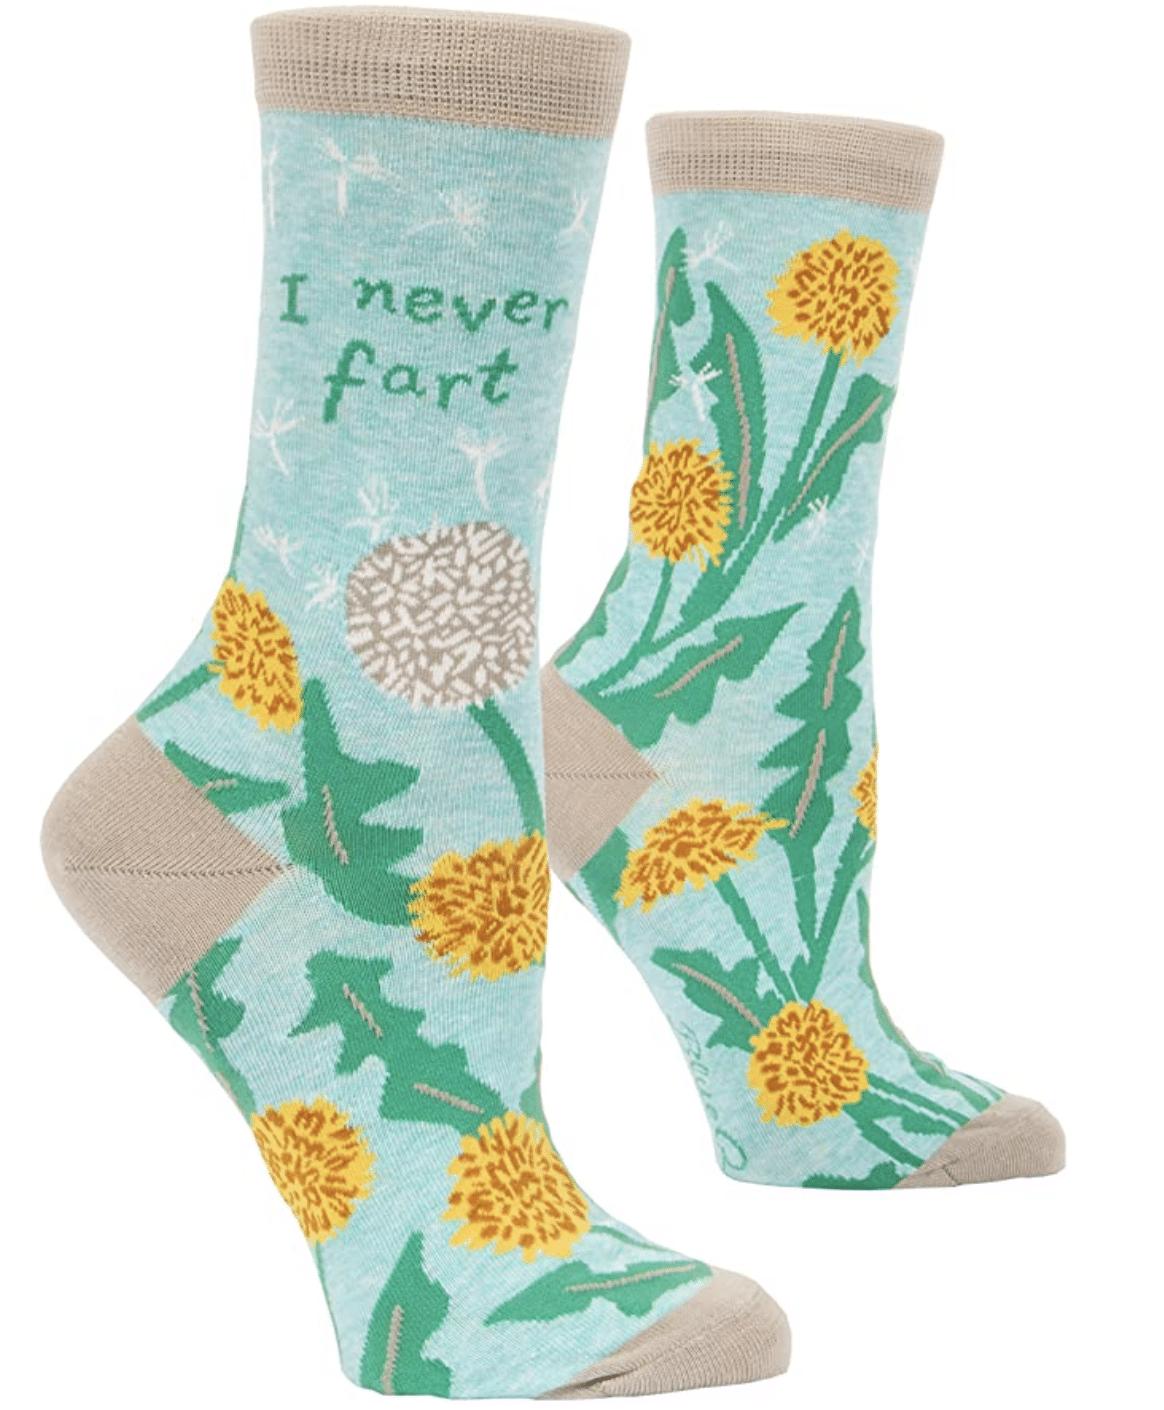 gag-gifts-for-women-socks